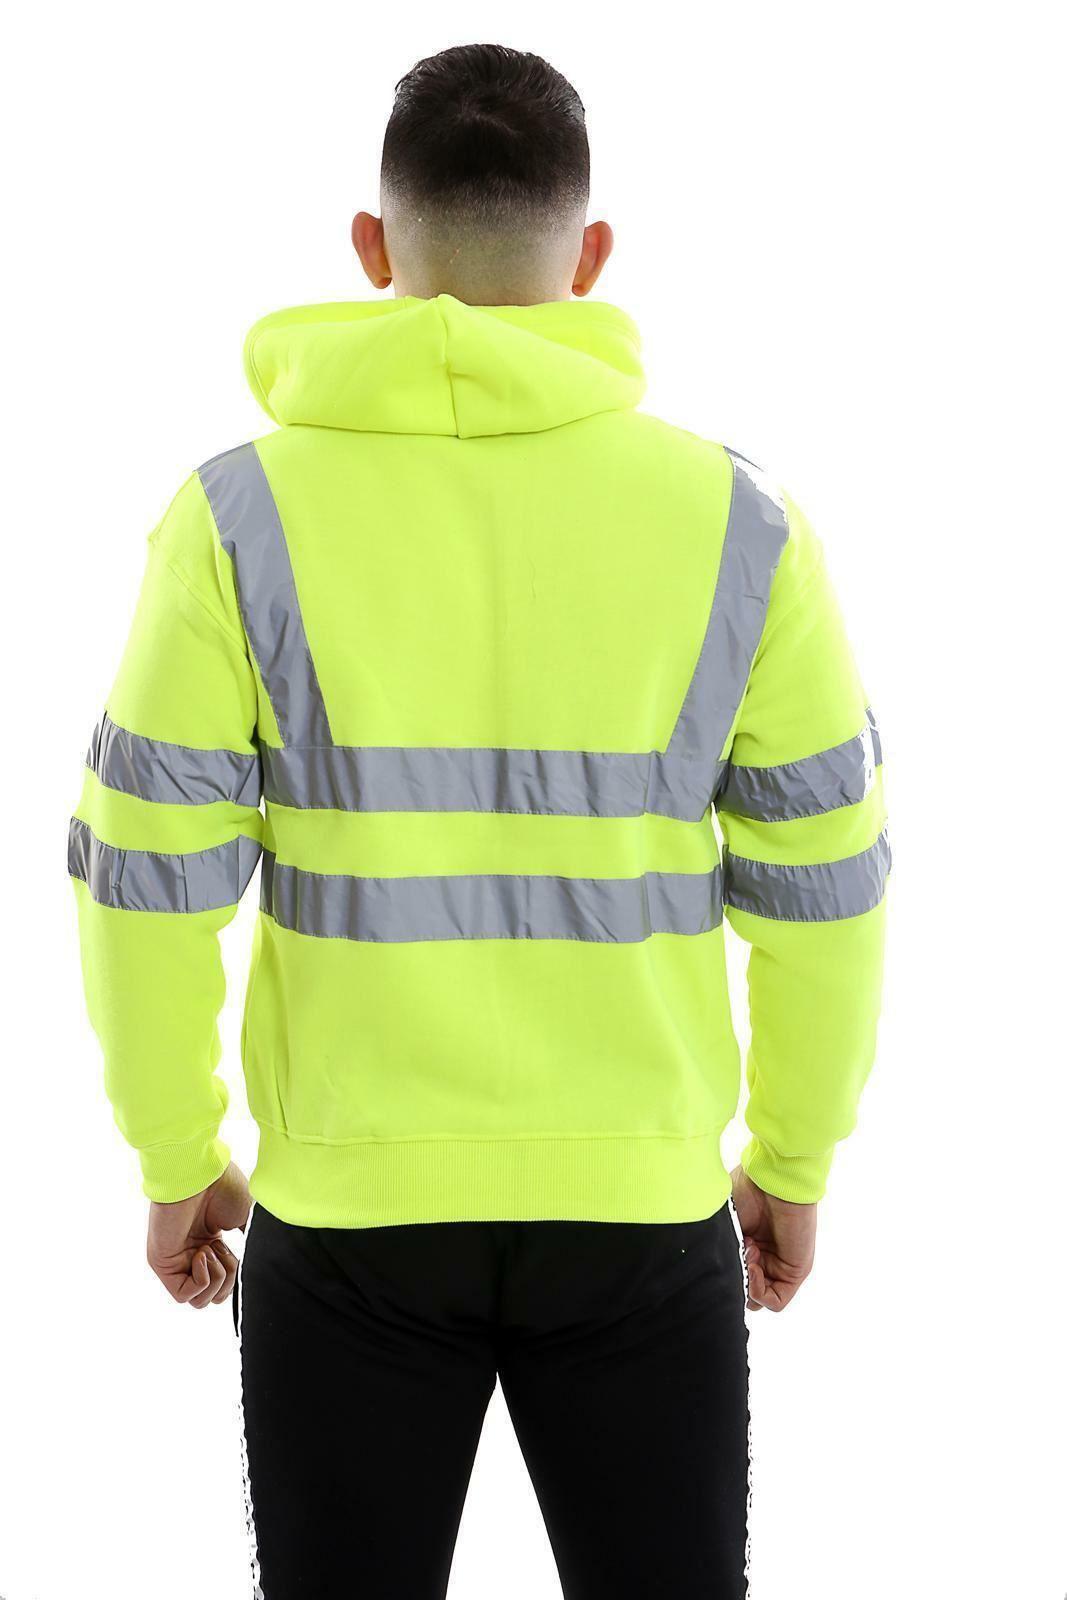 Homme 2 Tone Hi Viz visibilité Sweat à Capuche Haute Vis Reflective Workwear Pull-over à Capuche